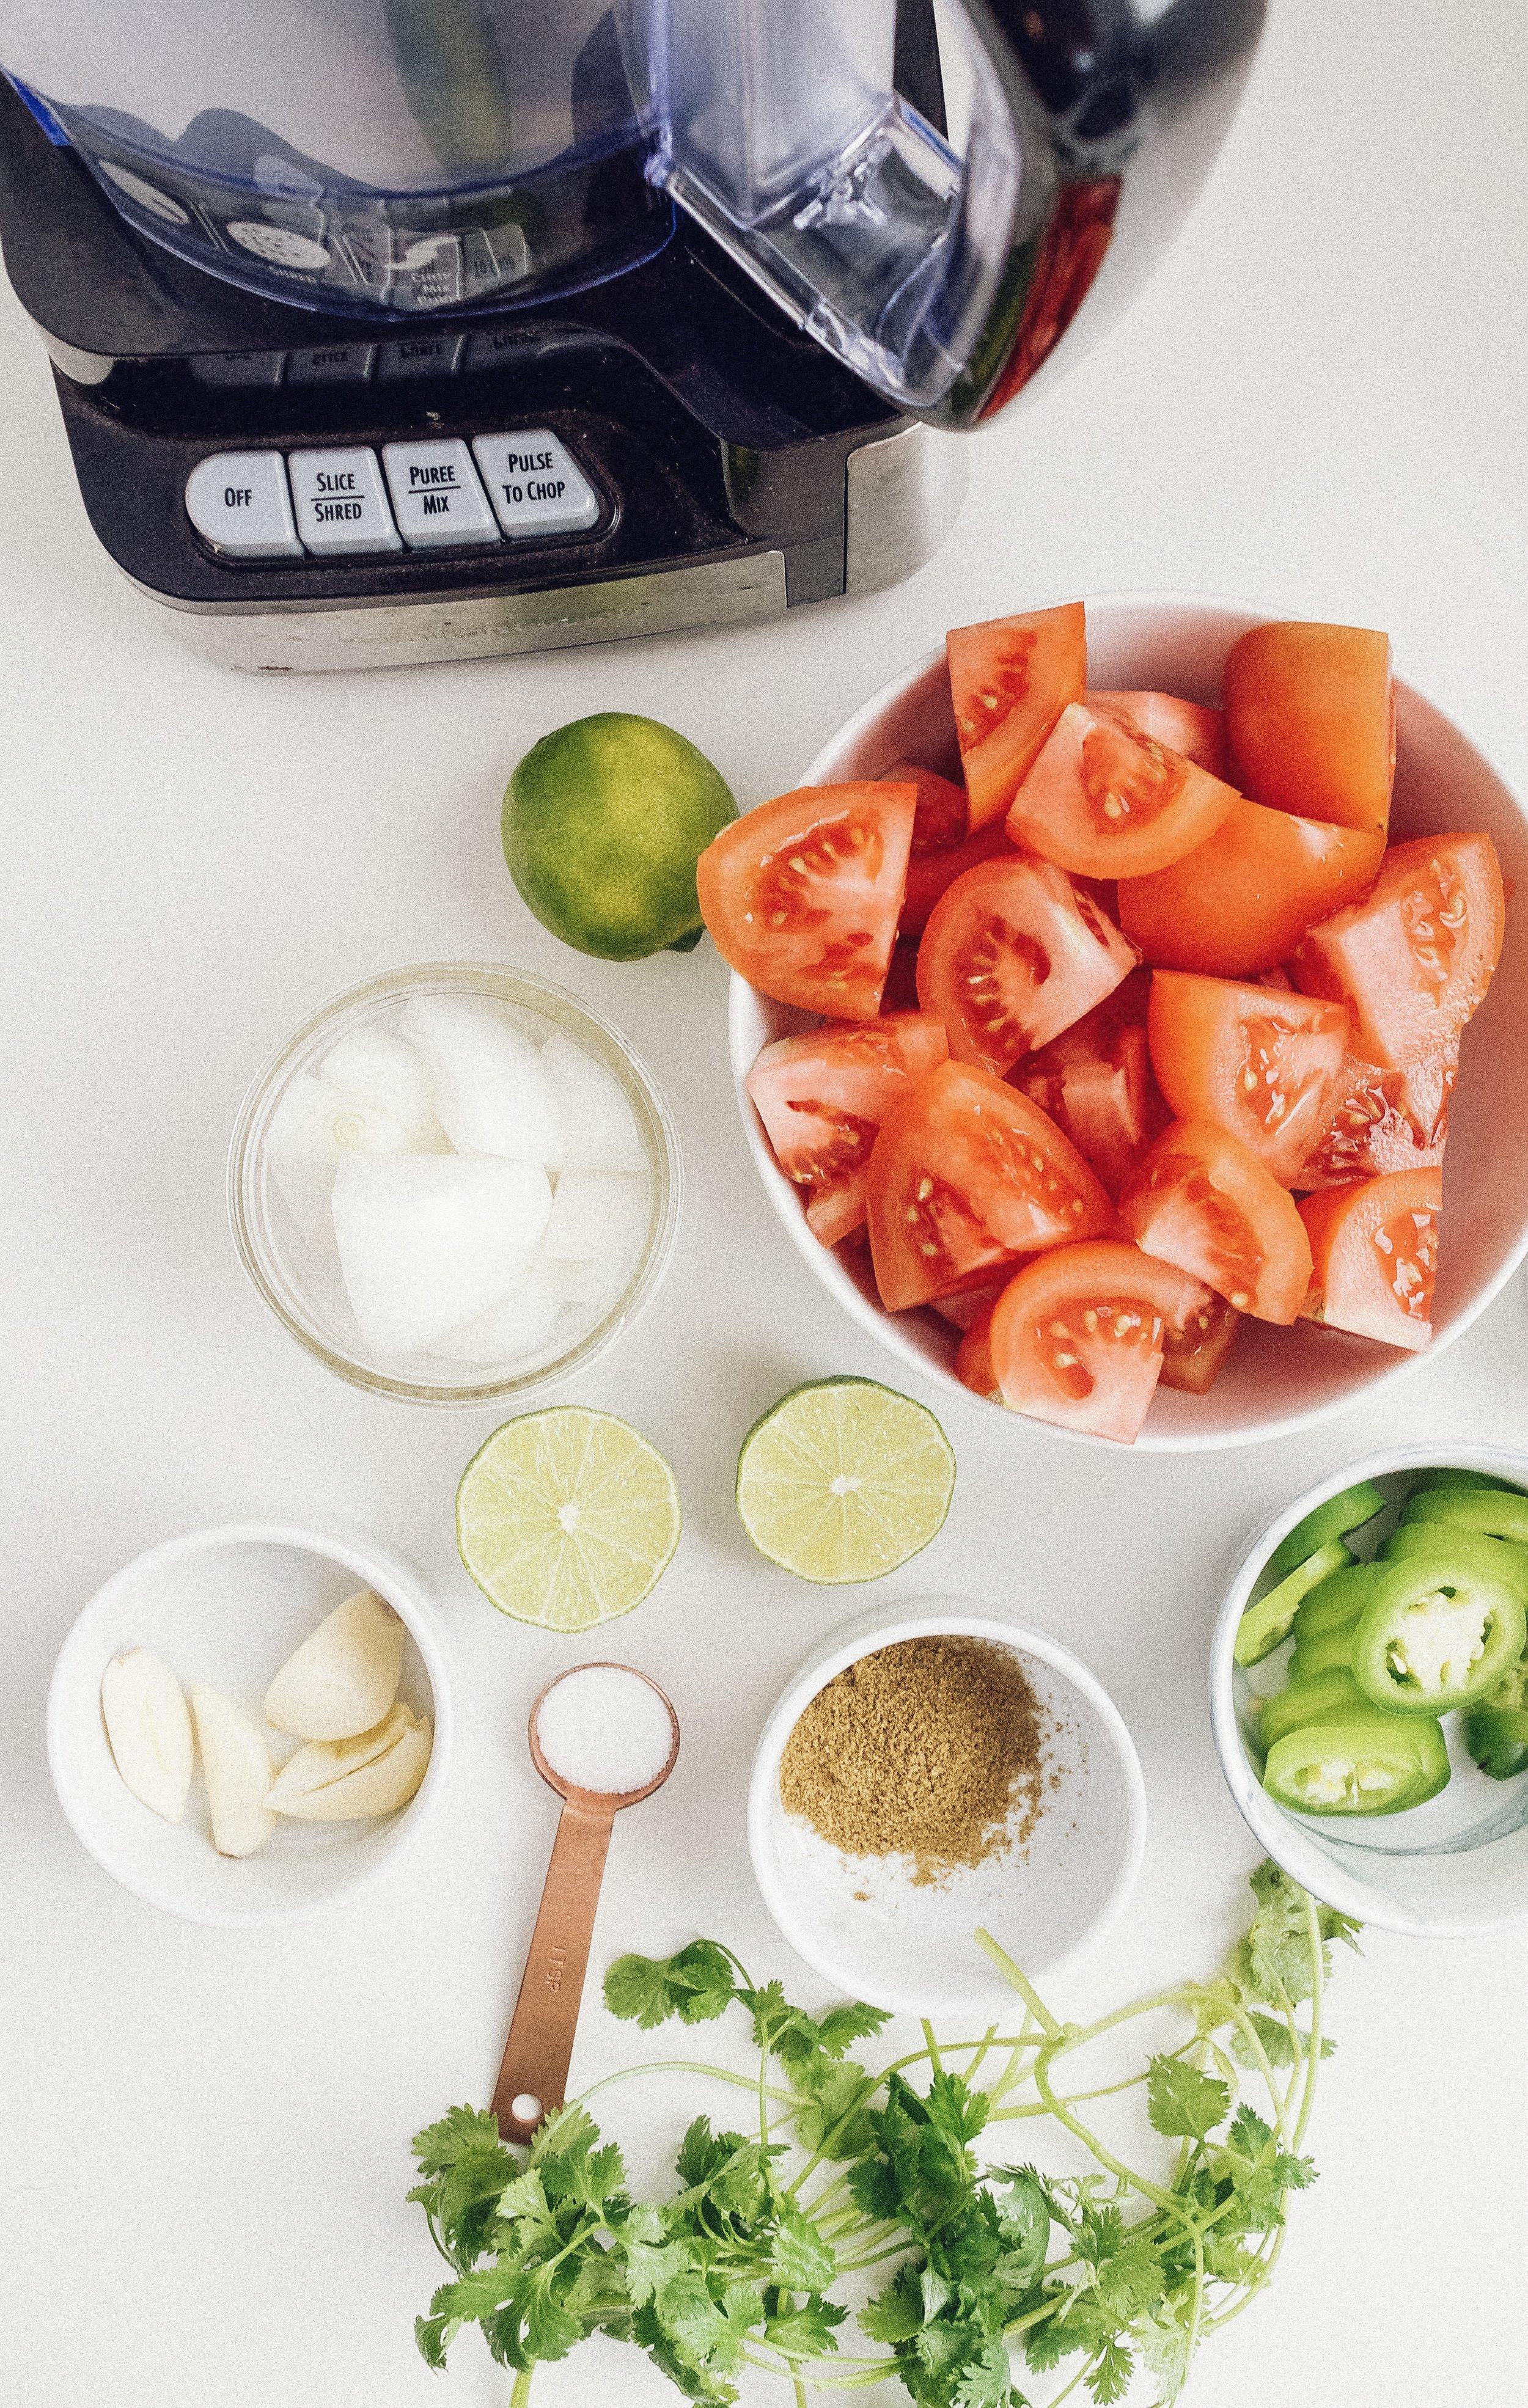 5-minute-fresh-roasted-homemade-restaurant-style-salsa.jpg